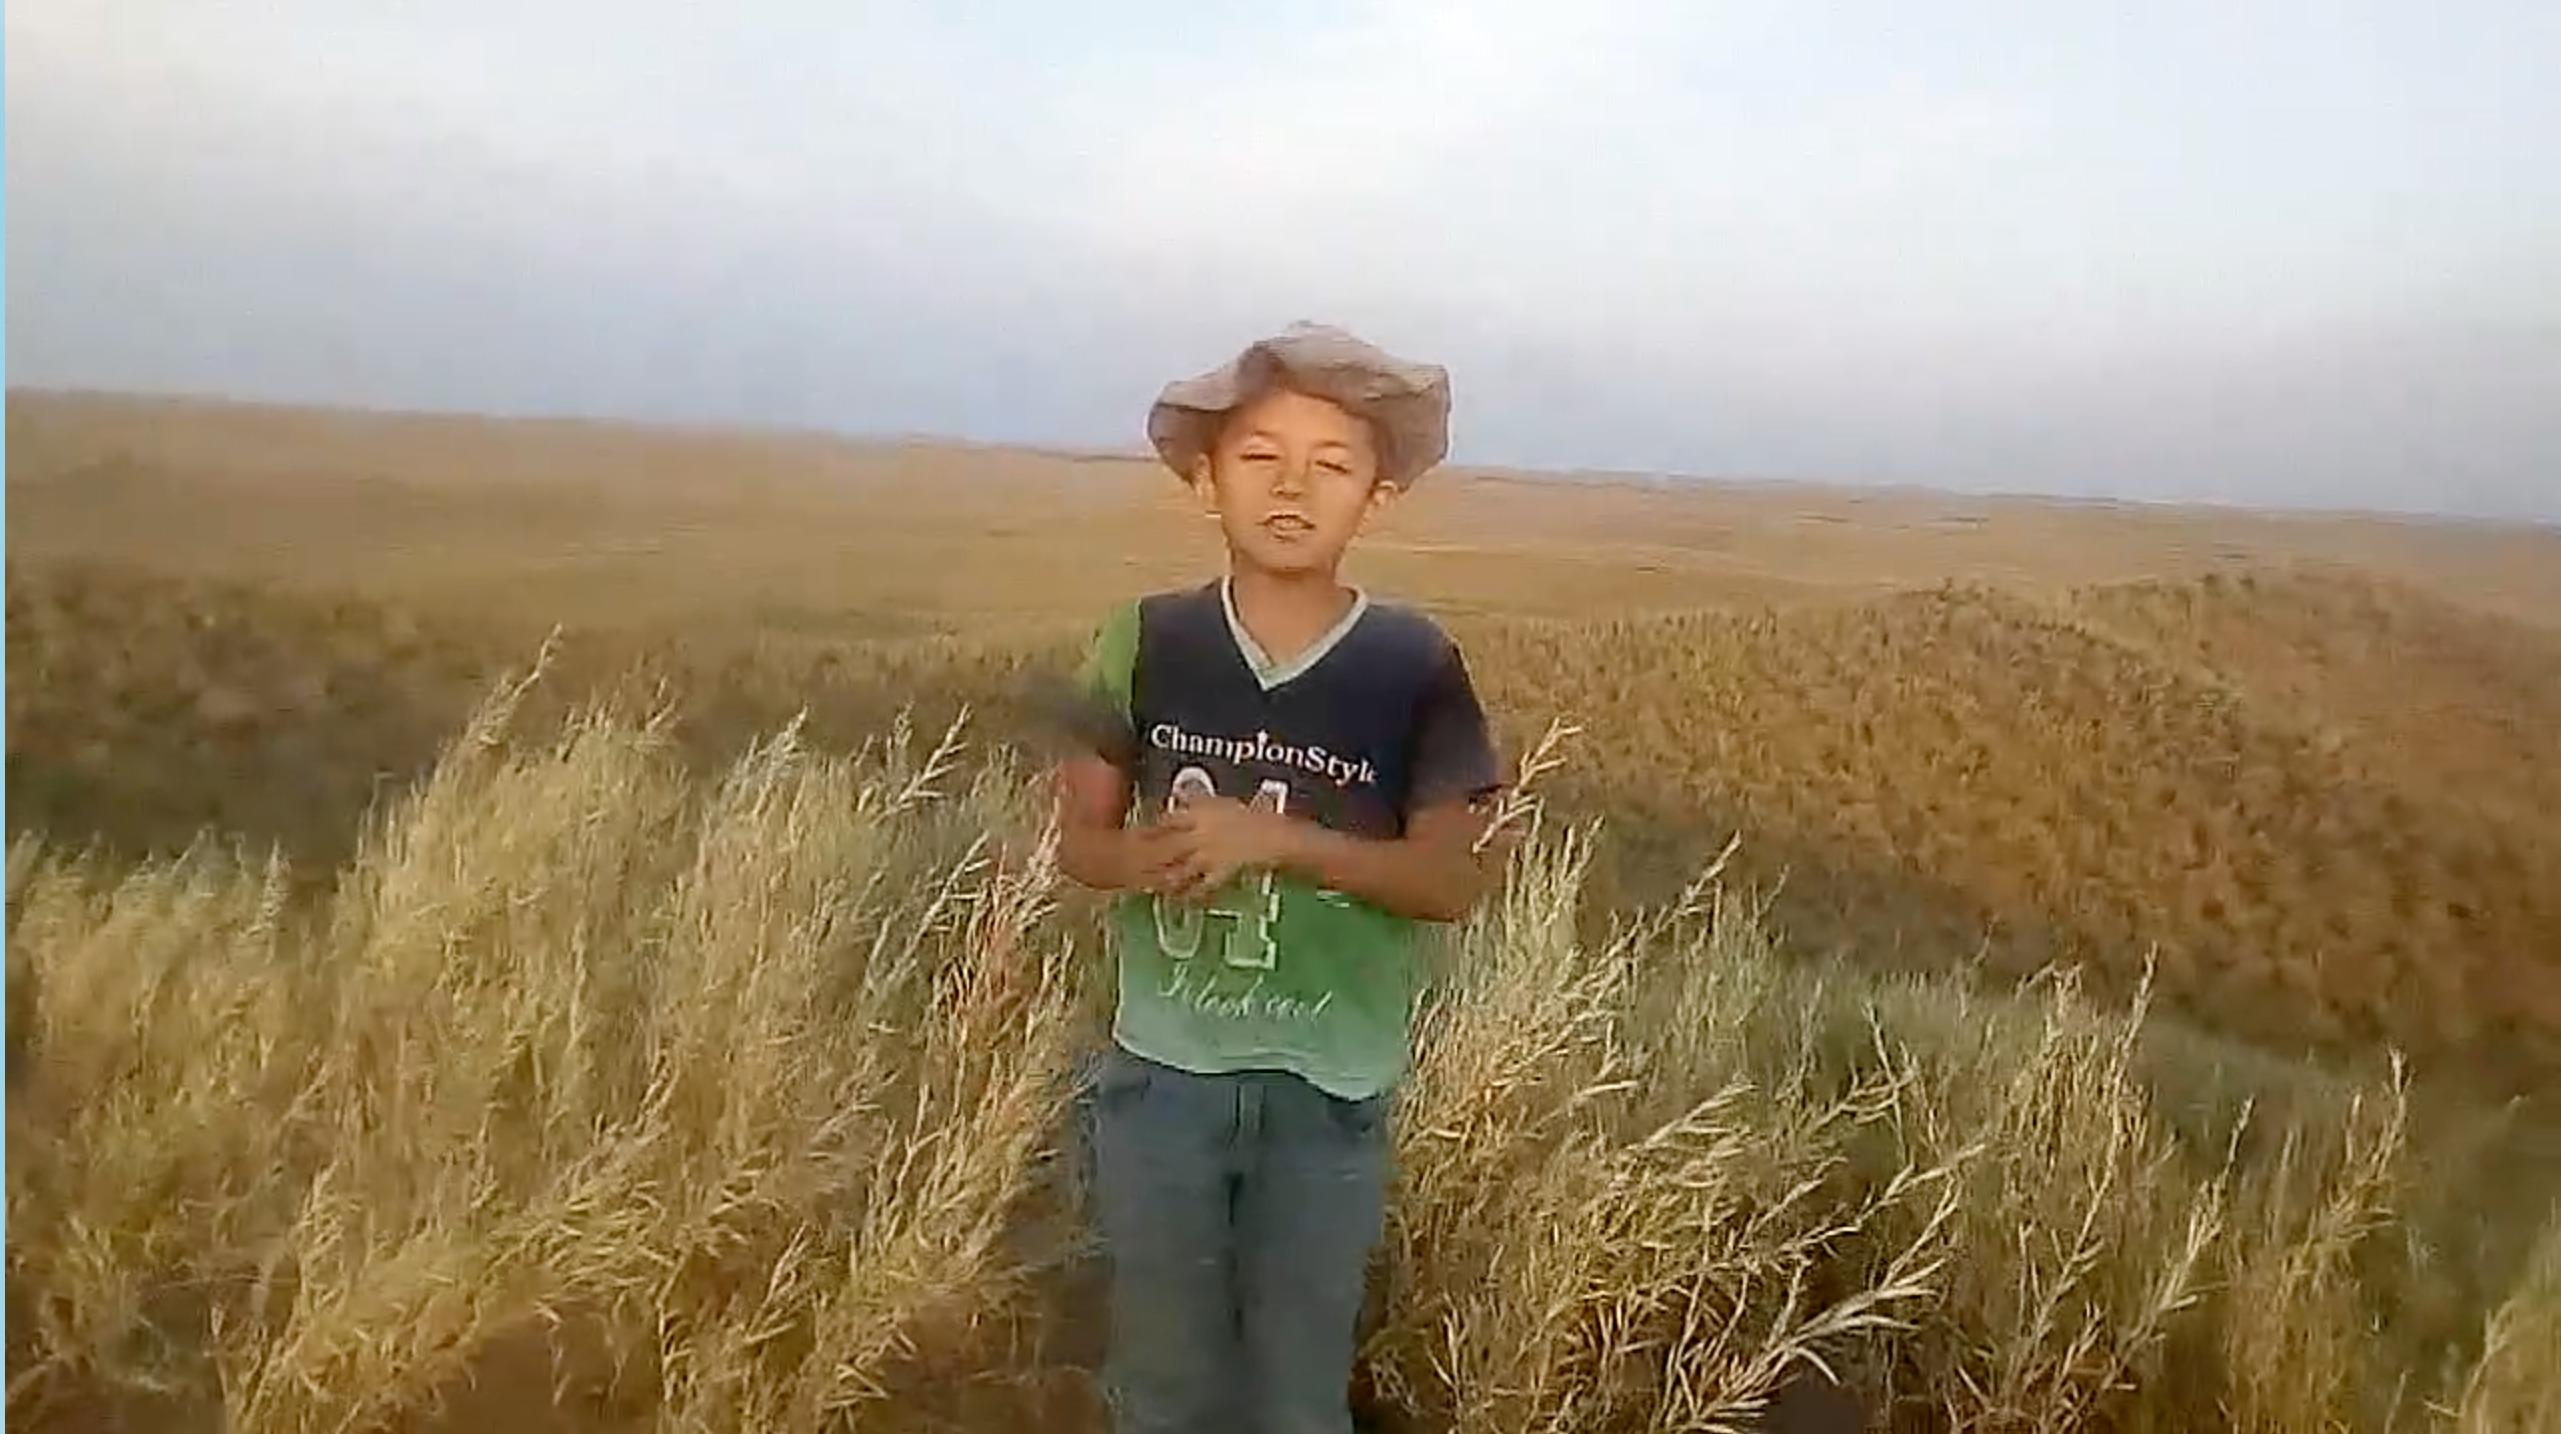 ¡EMOCIONANTE!: Un niño de 7 años hace videos desde una loma para «tener señal» y poder enviárselo a su maestra en el oeste pampeano